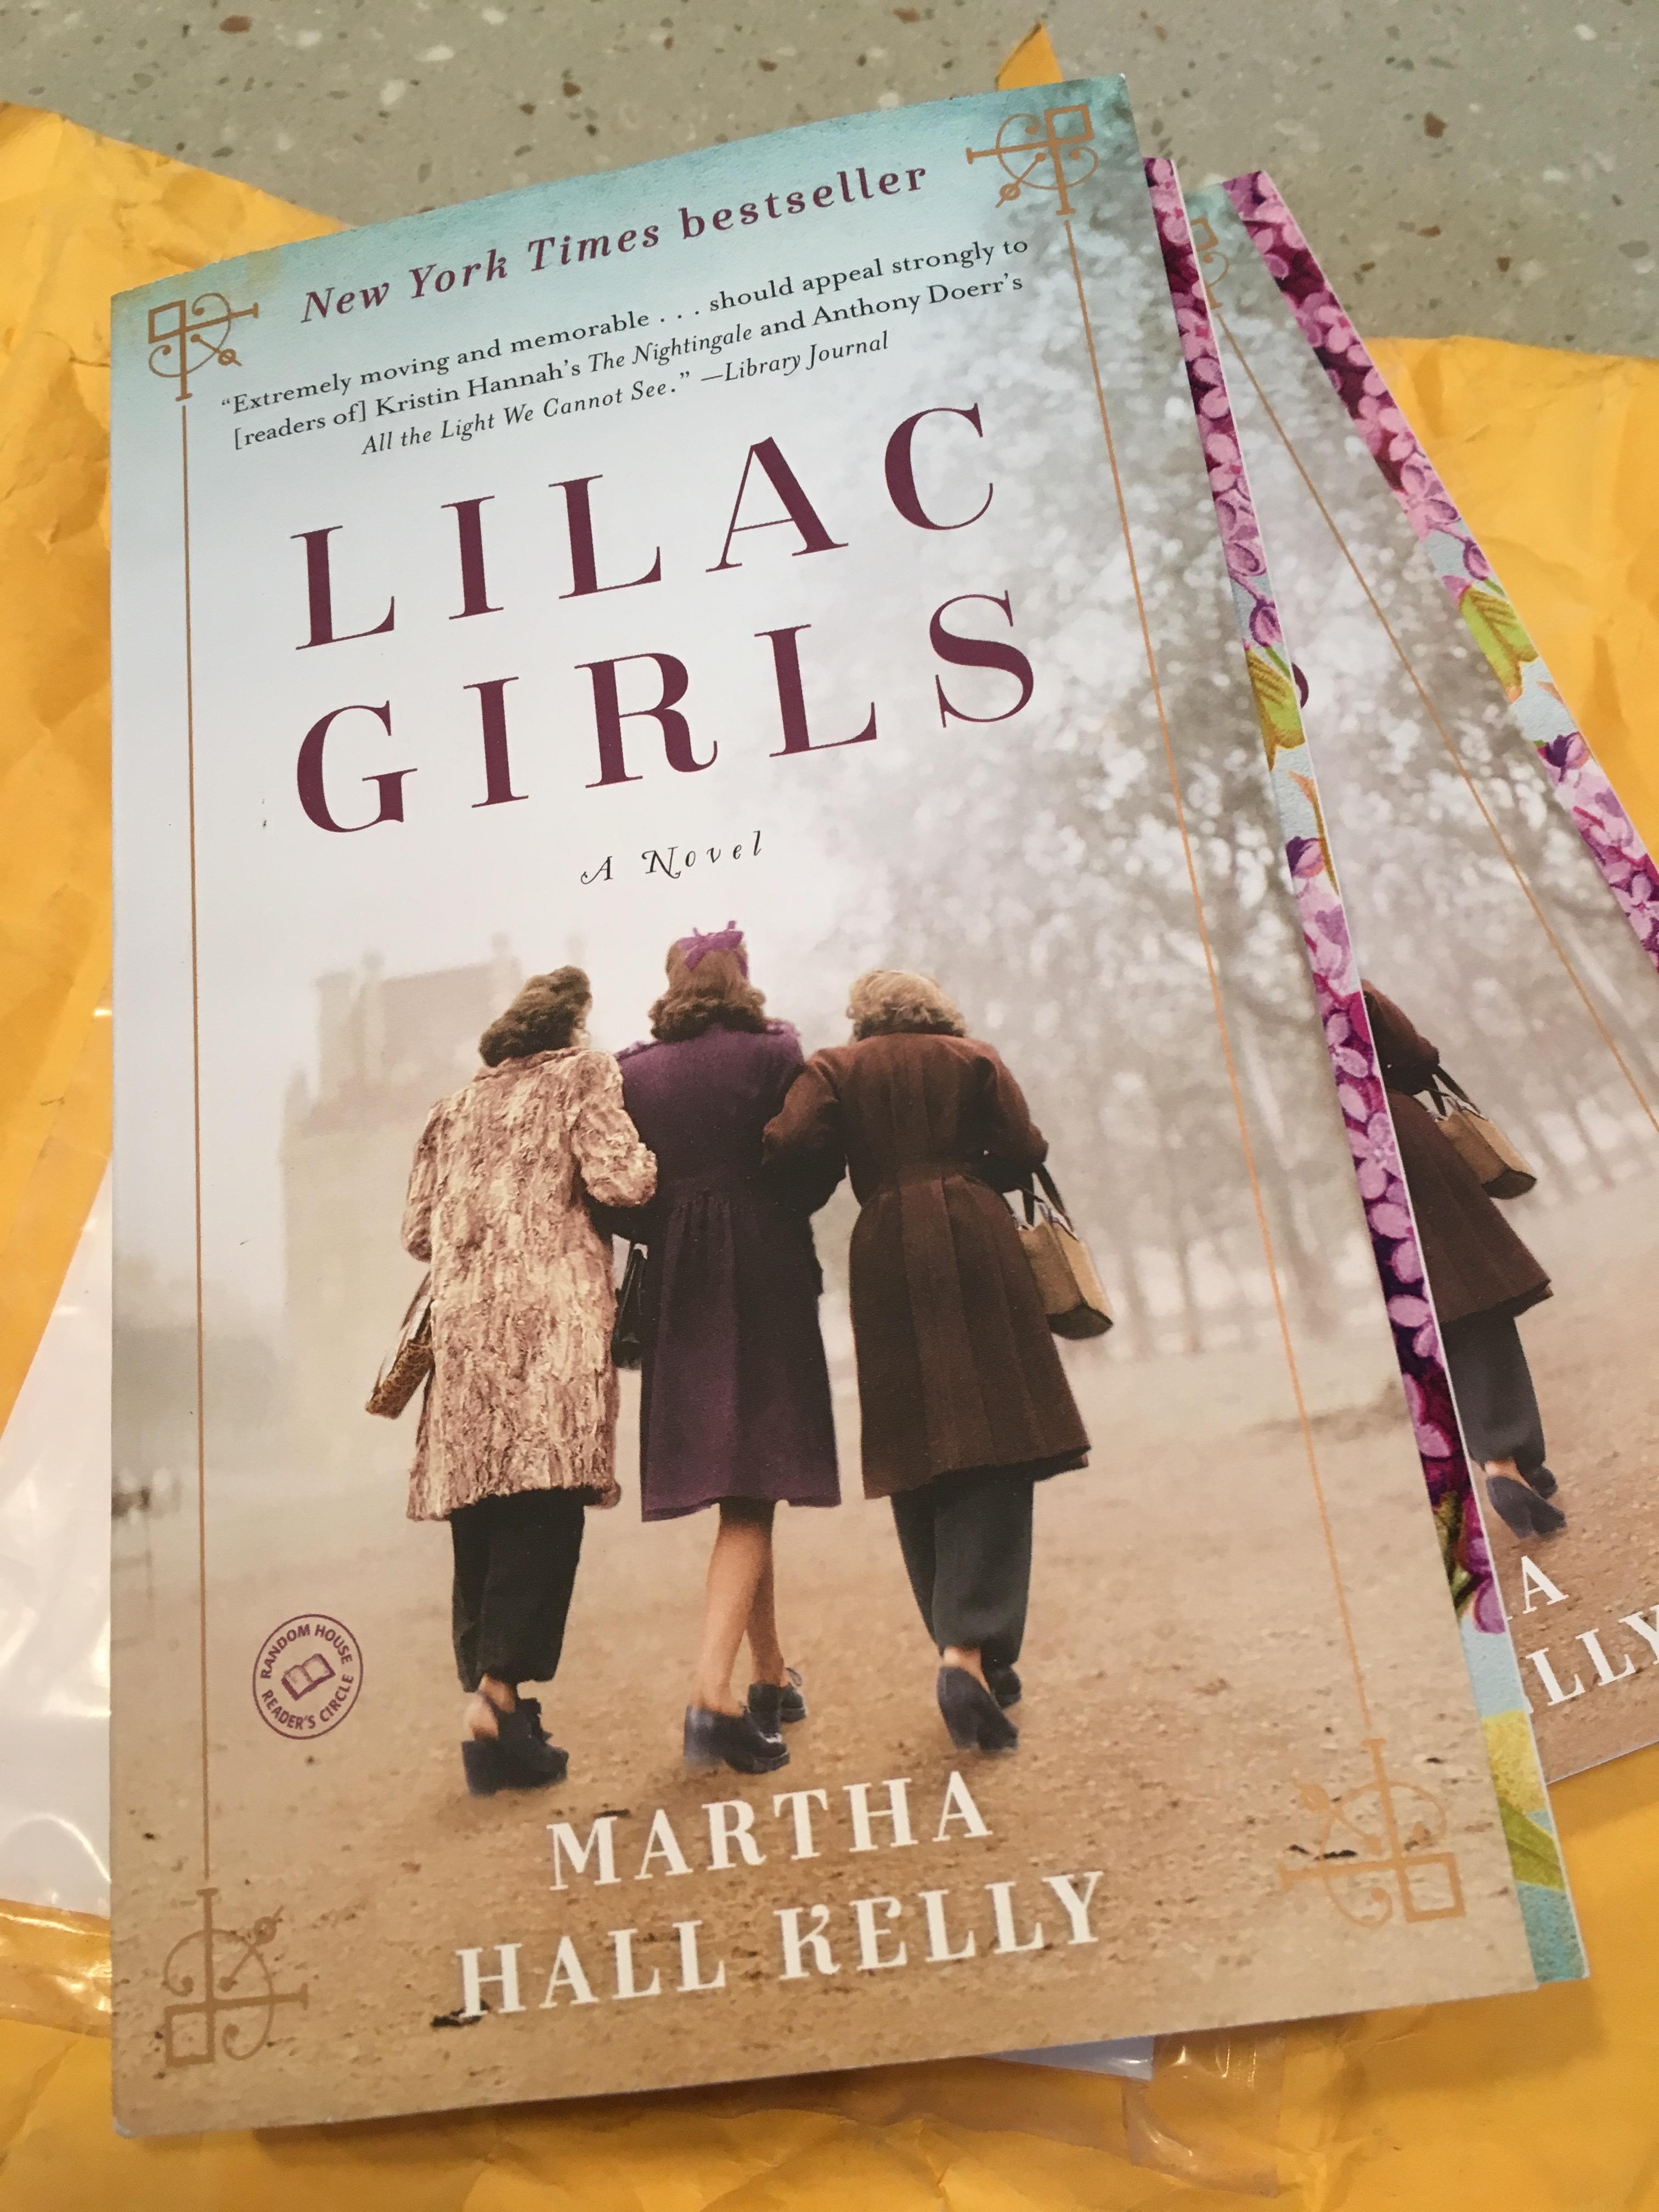 Lilac Girls (Lilac Girls, #1) by Martha Hall Kelly